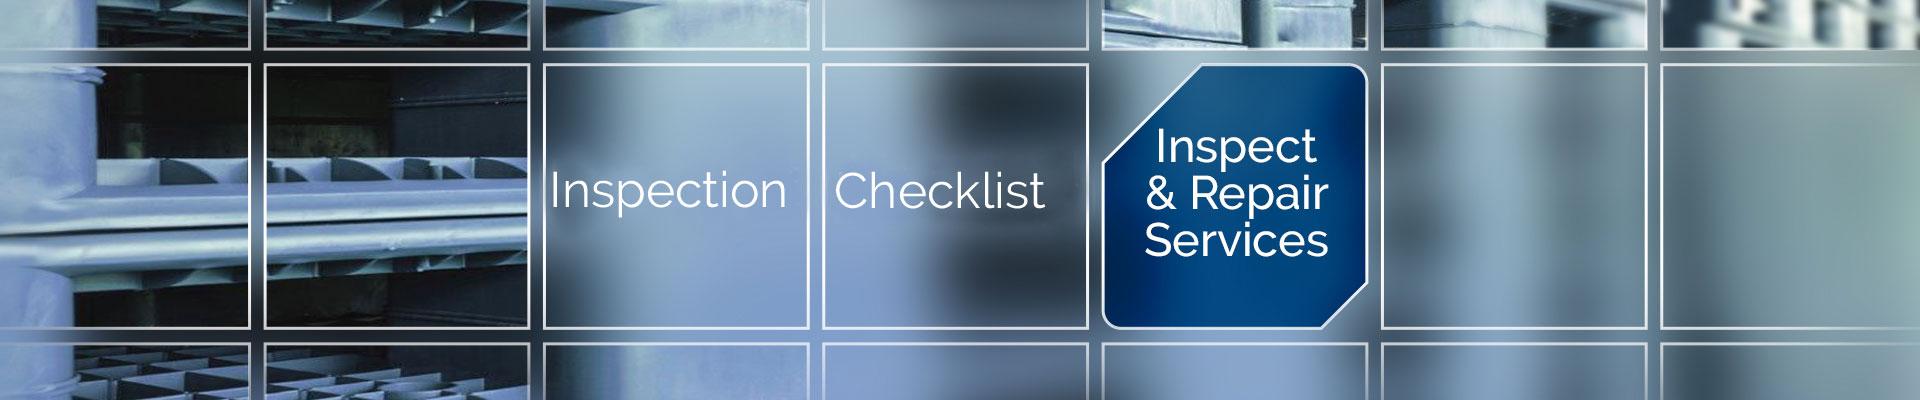 inspect_header_inspection-checklist